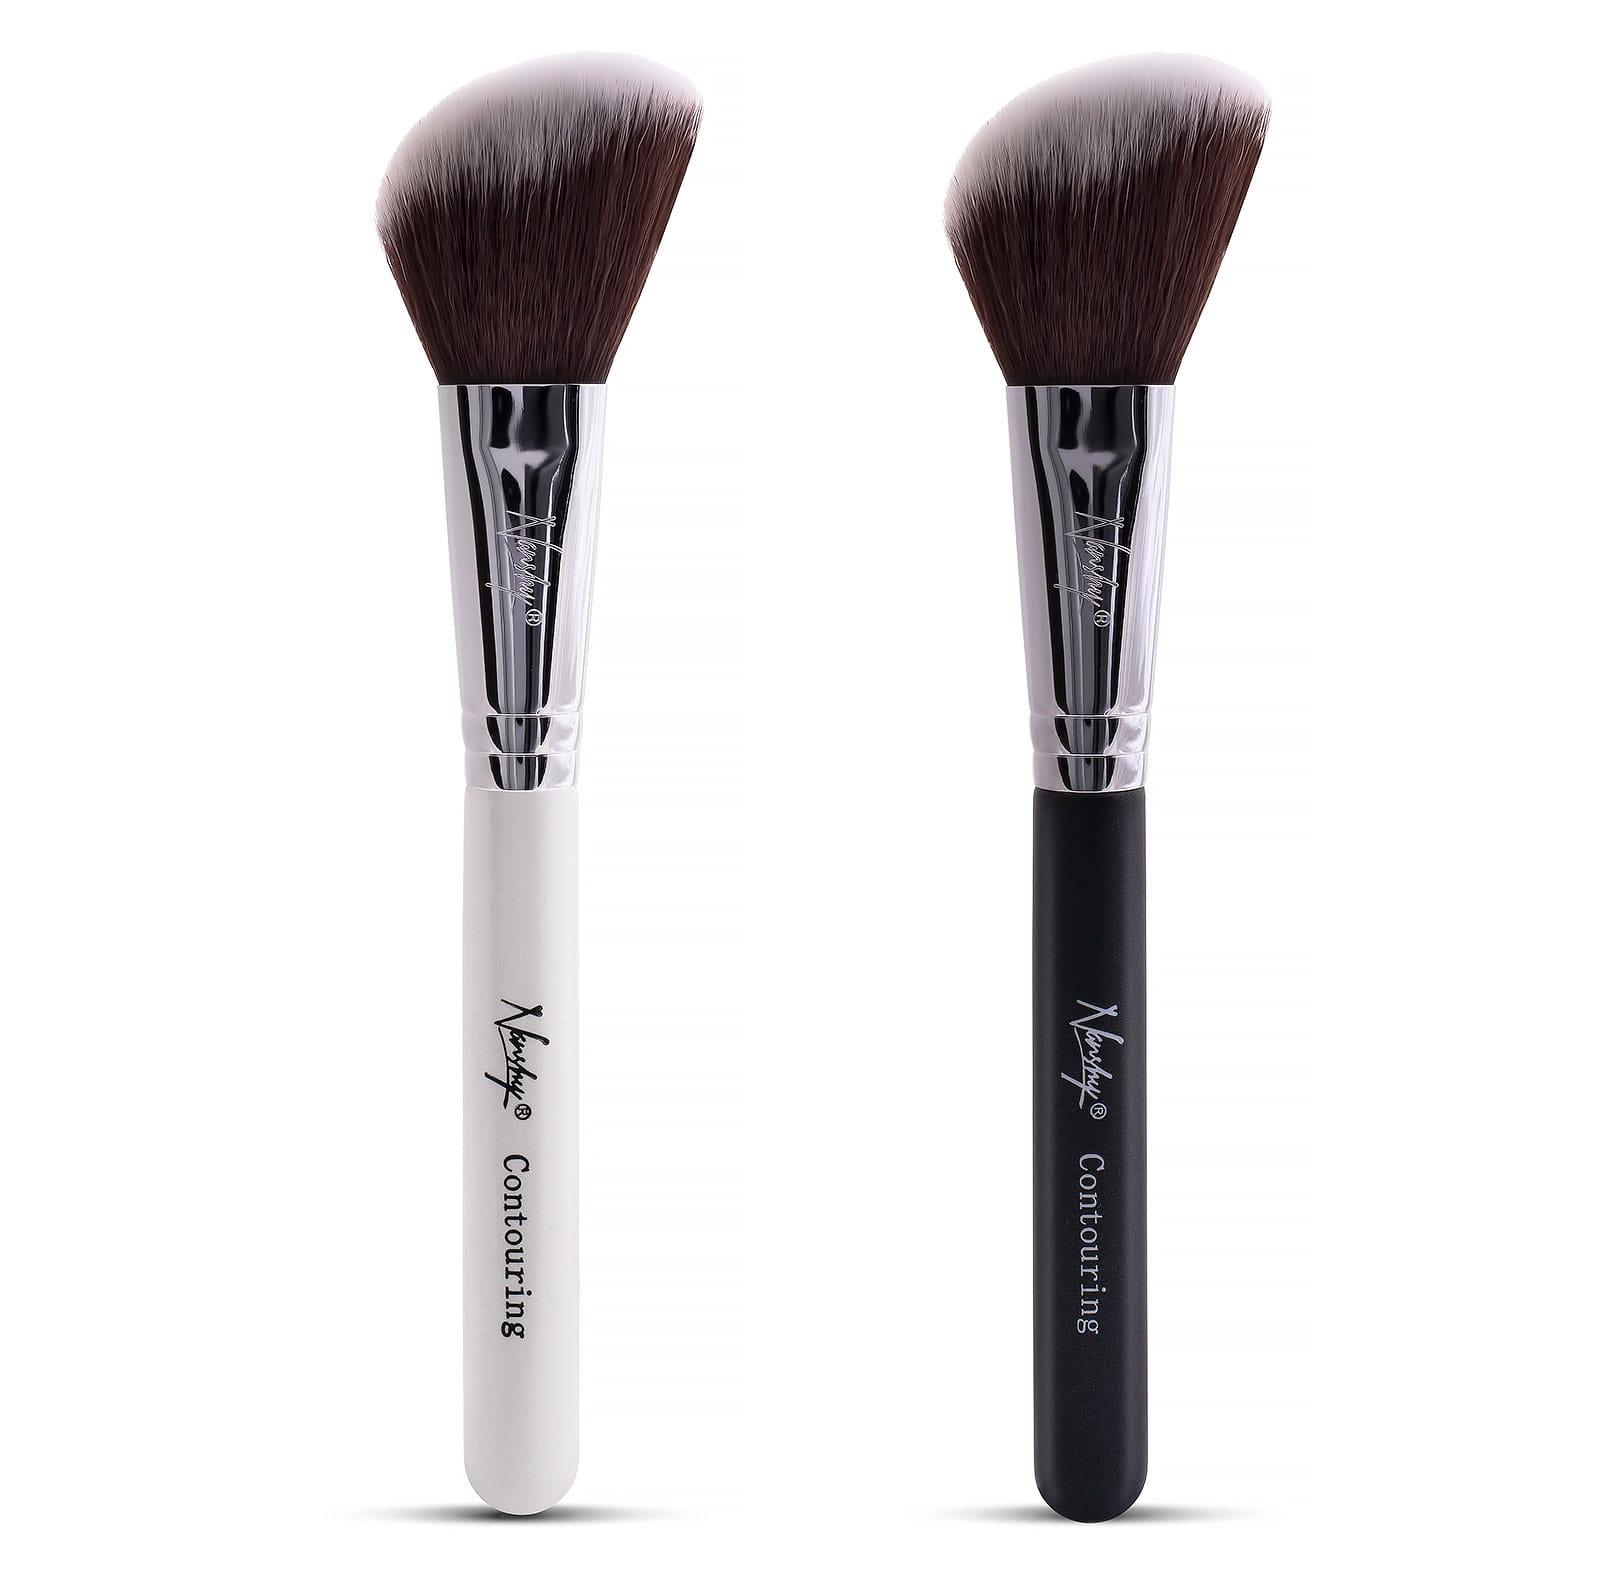 Nanshy Contour Makeup Brush